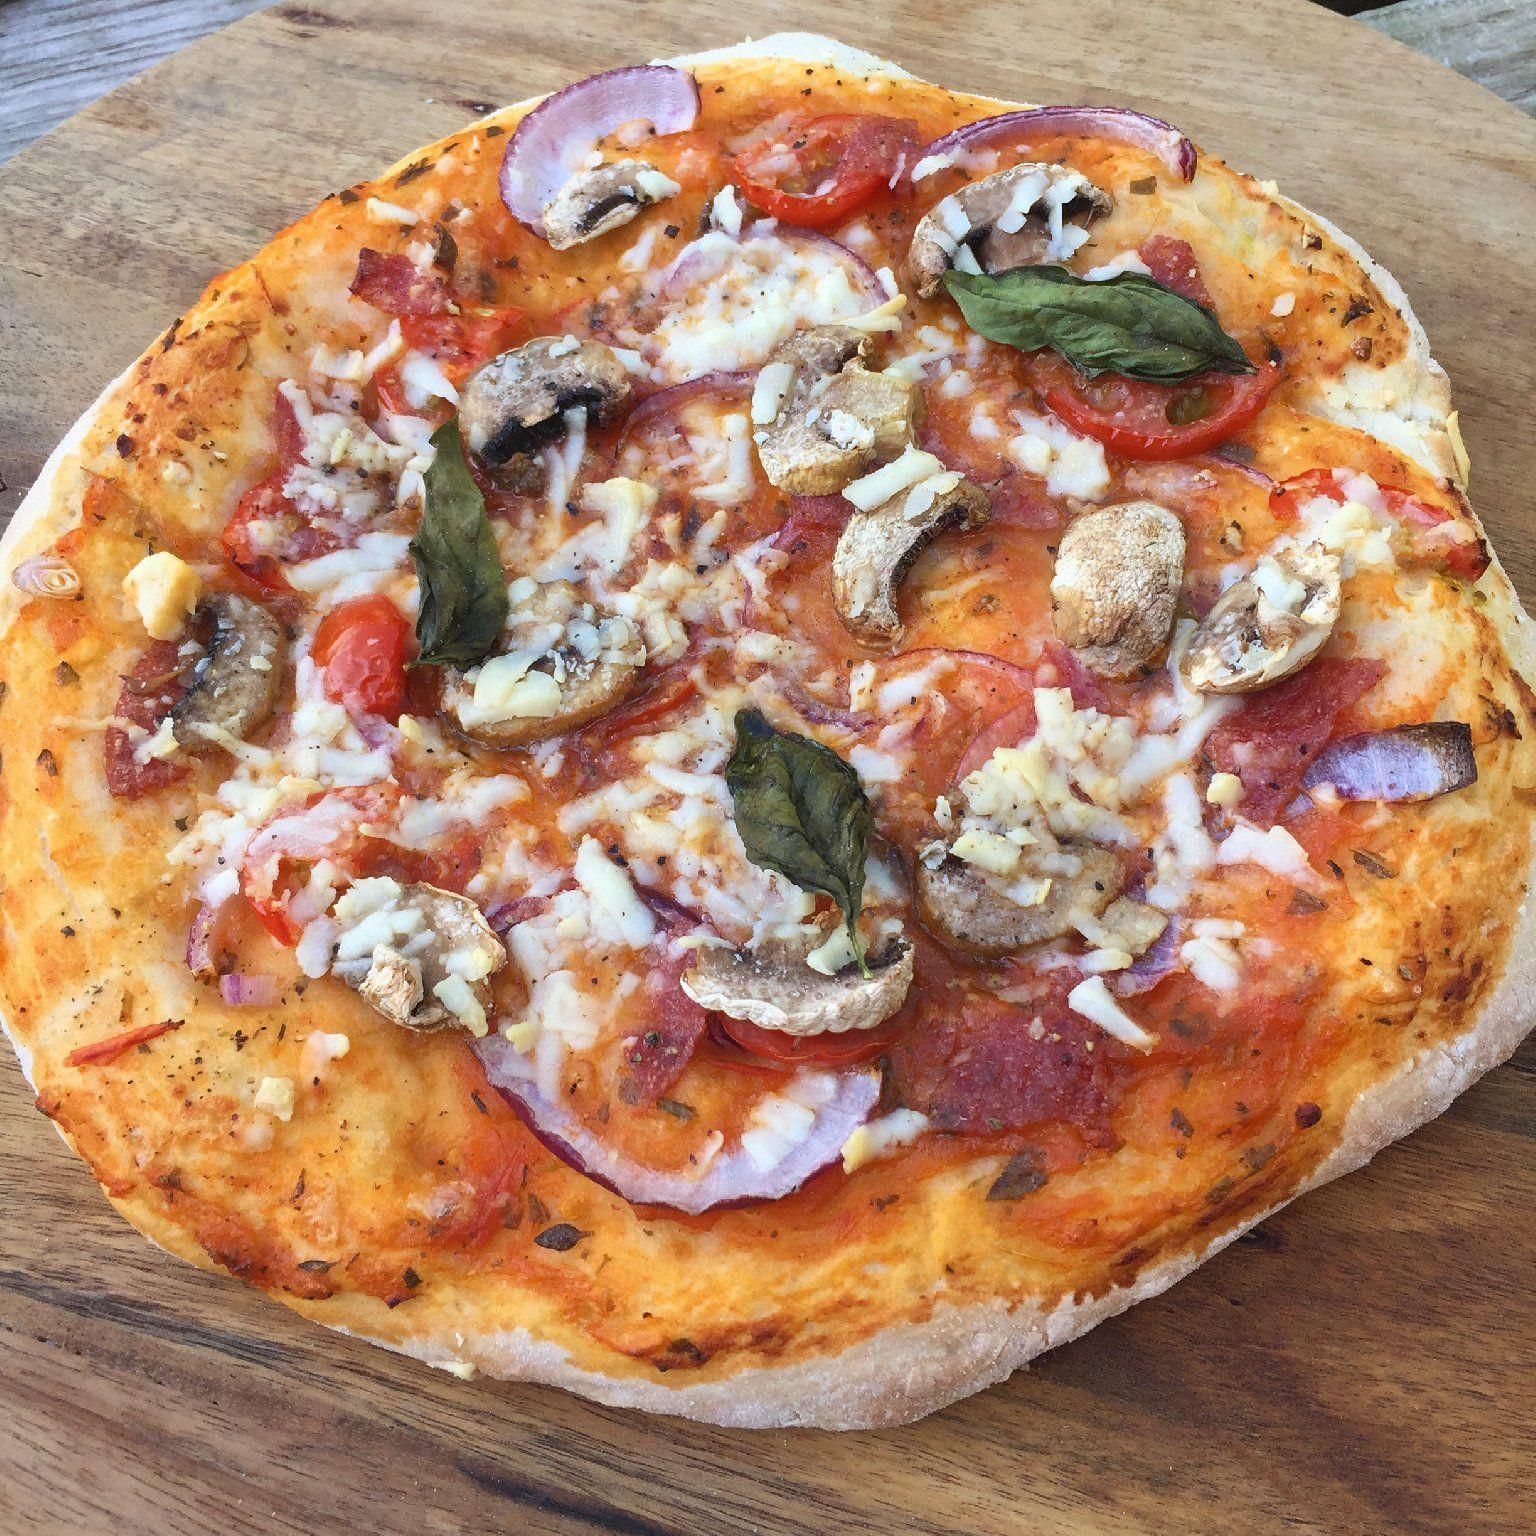 Aangezien hetvakantie is, leek het me leuk om een lekker comfortfoodrecept met jullie te delen. Dit is een easy Monday die je met het hele gezin kunt maken!Ik maakte dit weekendsamen met Bas onze eigenhomemade pizza met zelfgemaakte tomatensaus en vers beleg. Zo lekker en zo leuk om te doen! Wij hebben deze pizza gemaakt op mijn nieuwe pizza steen voor de kamado grill, maar je kunt hem ook gewoon in de oven klaarmaken. Natuurlijk kun je eindeloos variëren met het beleg voor je pizza…